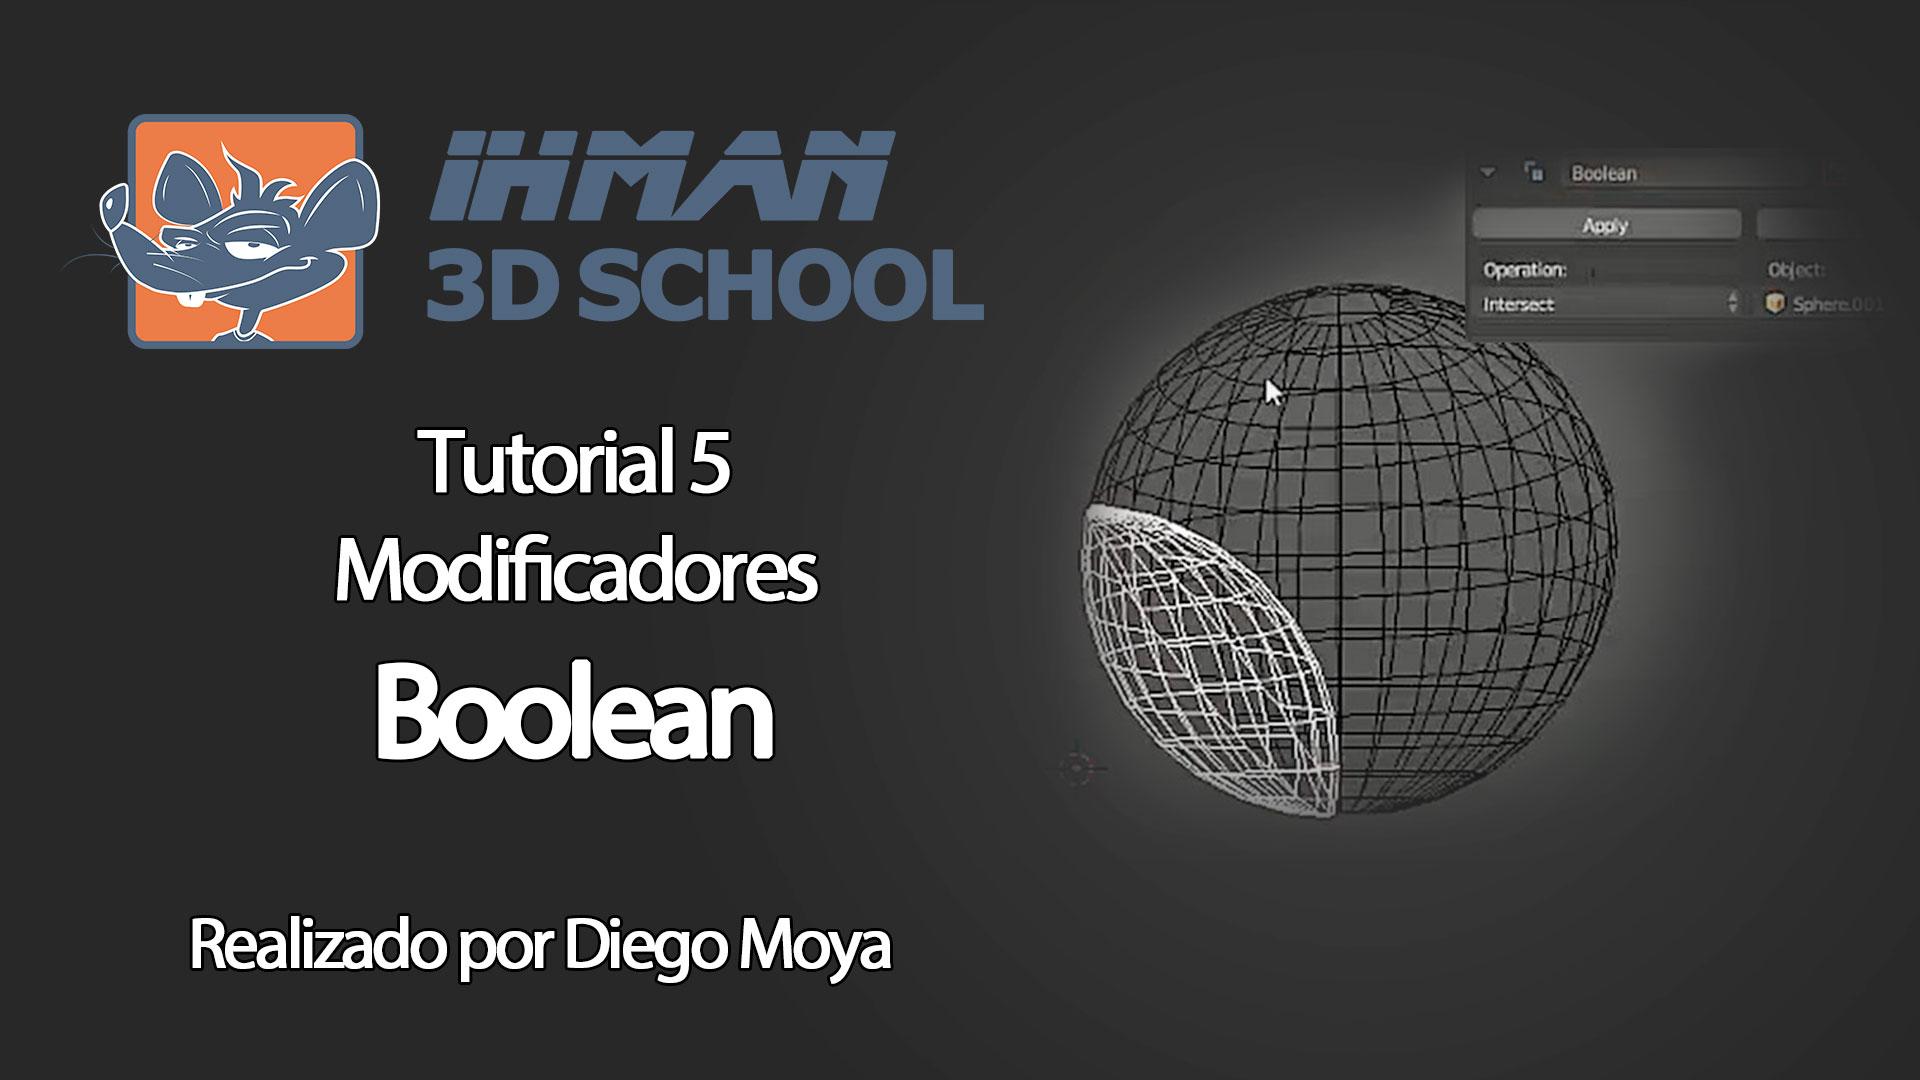 Presentación ihman 3d school-cabecera_boolean.jpg